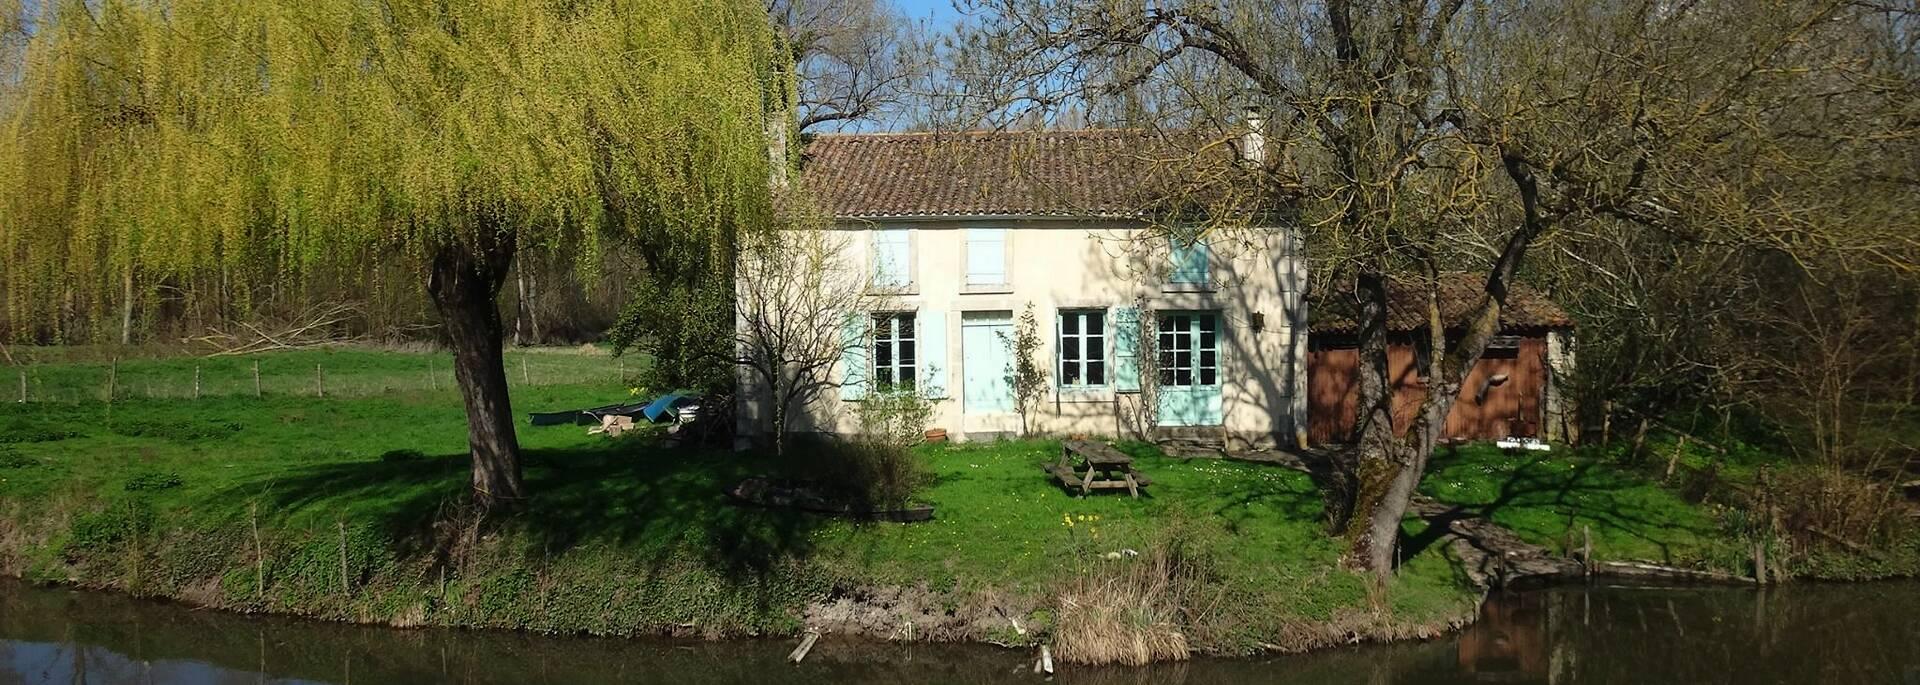 Maison maraîchine - @J.RAMOS / FDHPA17